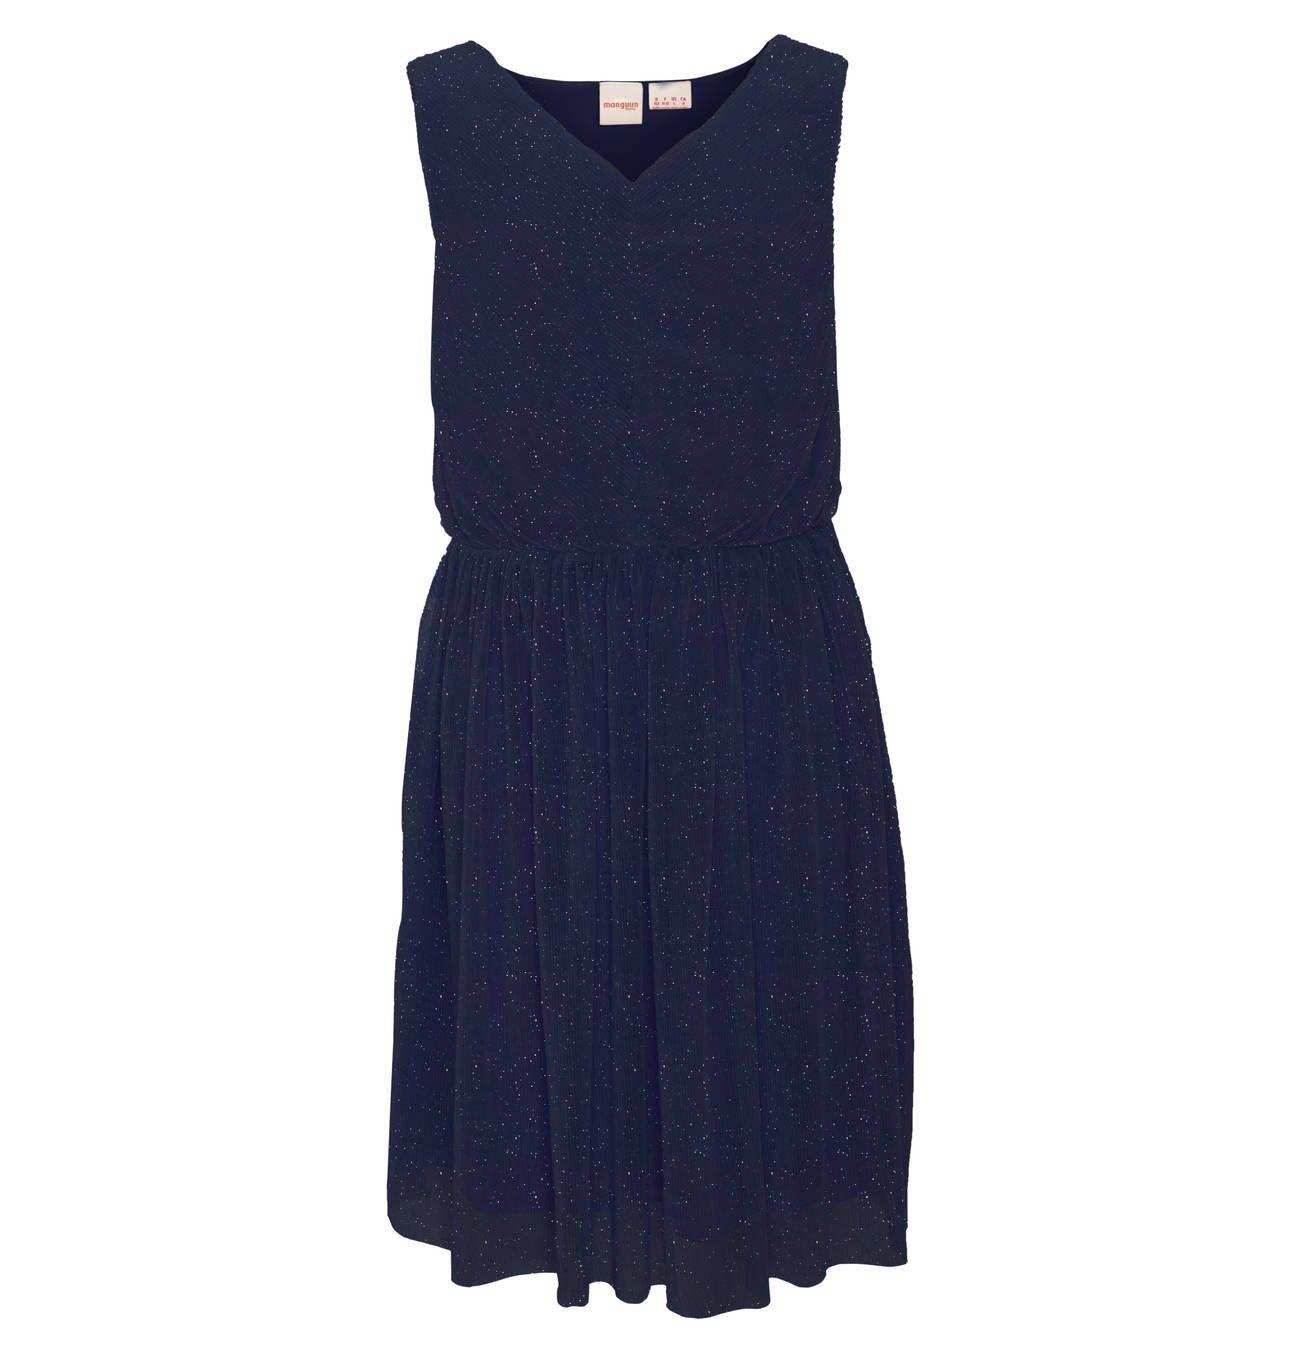 manguun teens Festtagskleid, Plissee, leicht ausgestellter Rock, uni, Glitzer, für Mädchen | Galeria Kaufhof #ausgestellterrock